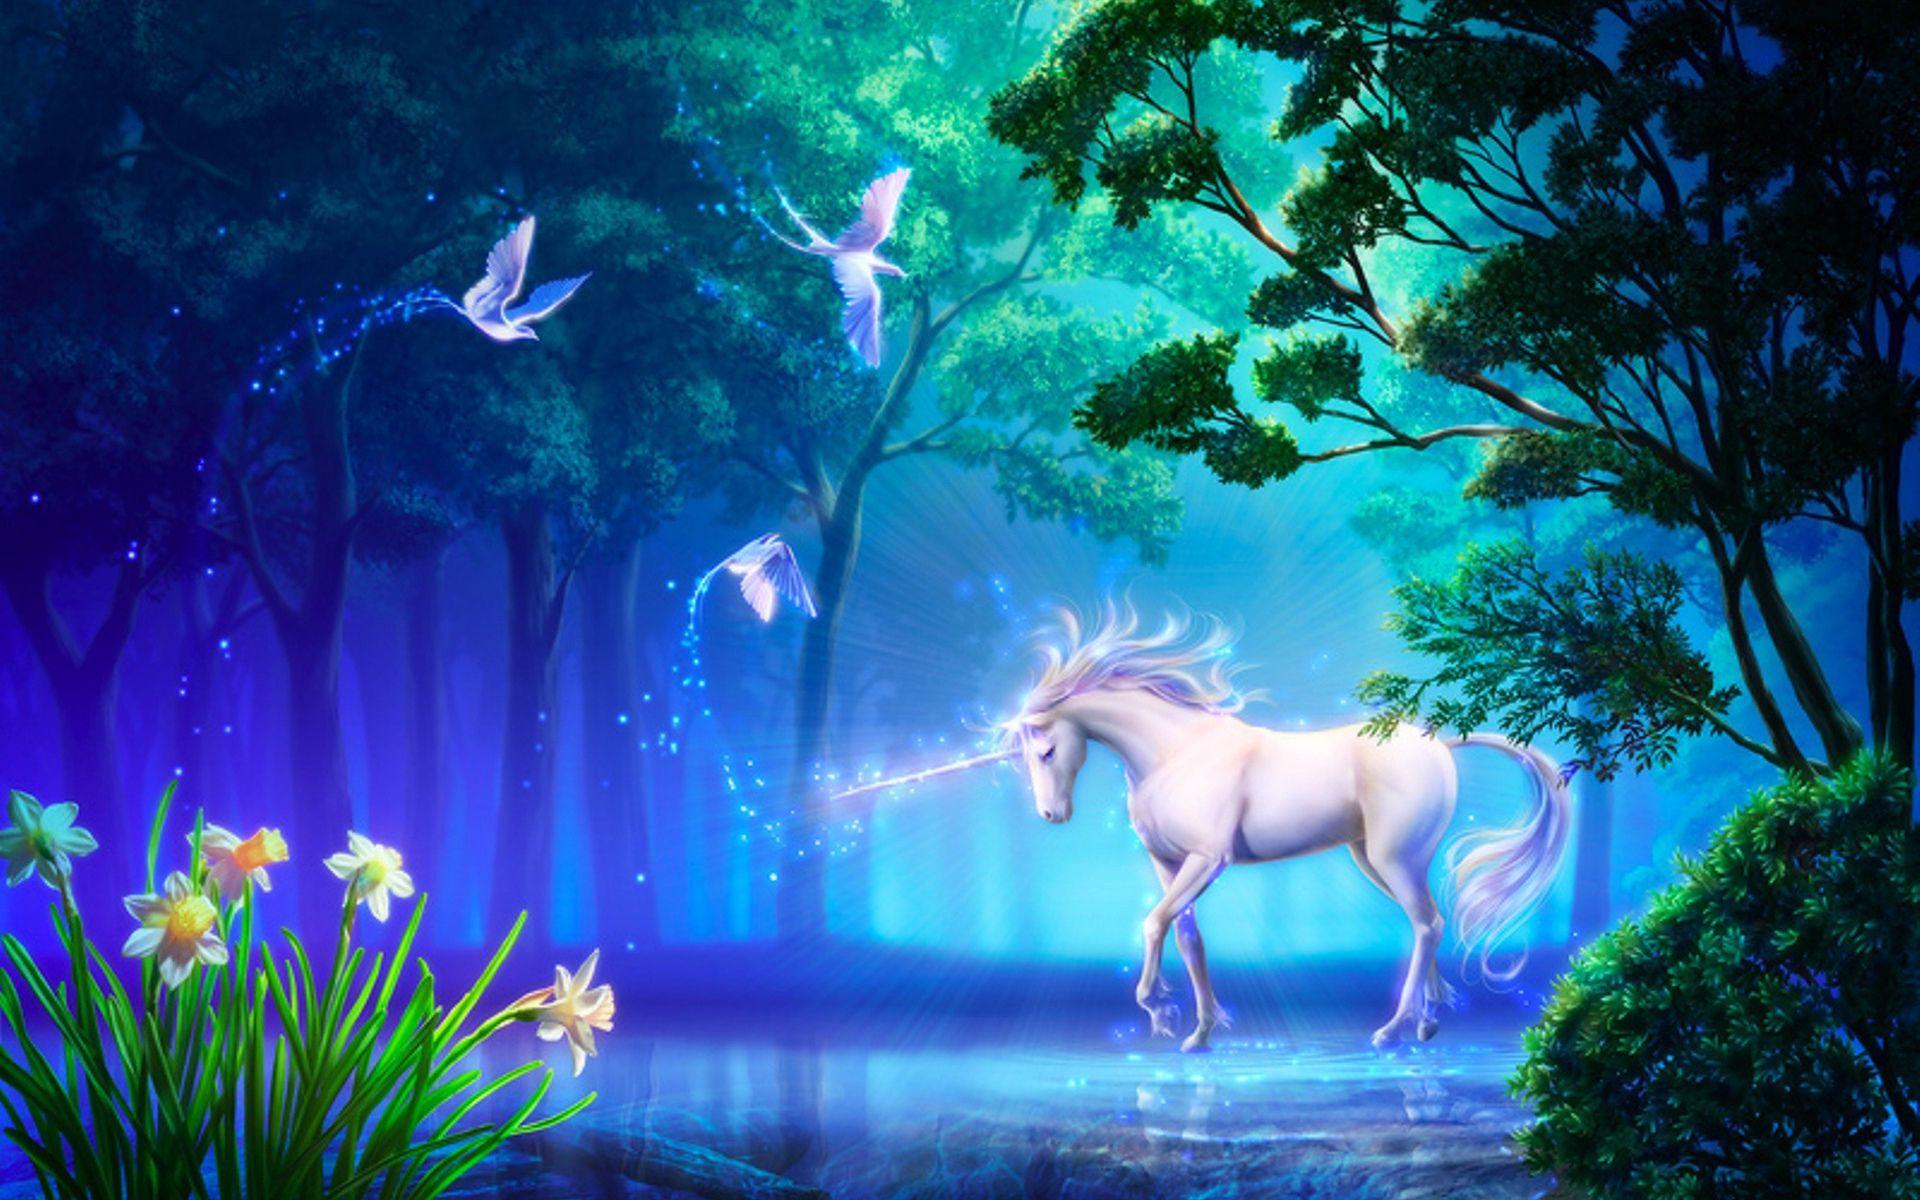 Most Inspiring Wallpaper Horse Magic - 6cfca58362a62c1e0938121f279bc0c6  2018_79270.jpg